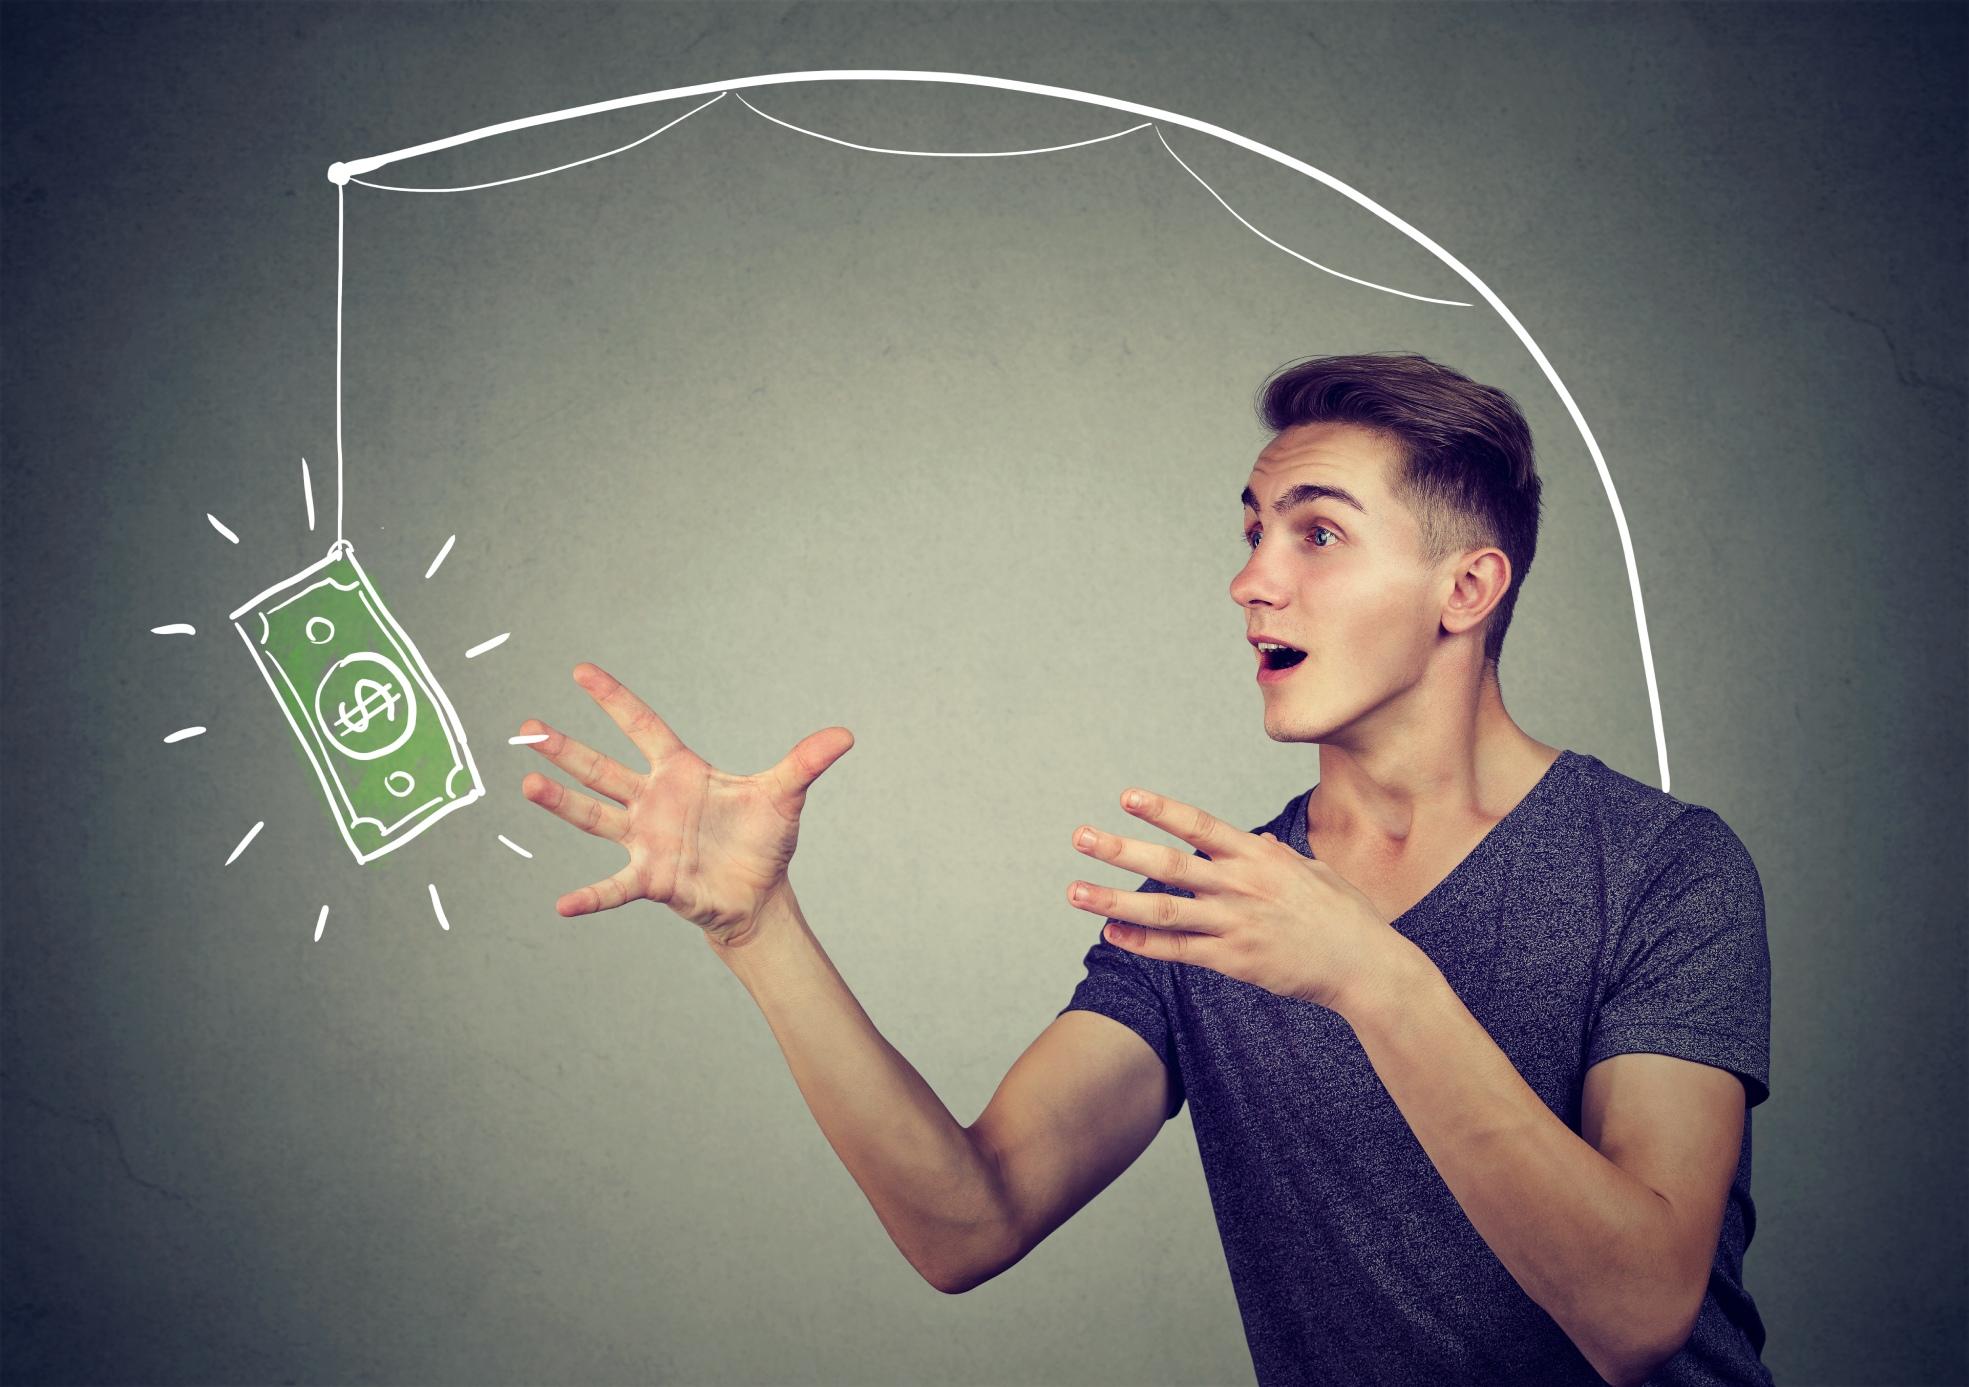 Como conseguir renda extra durante a crise